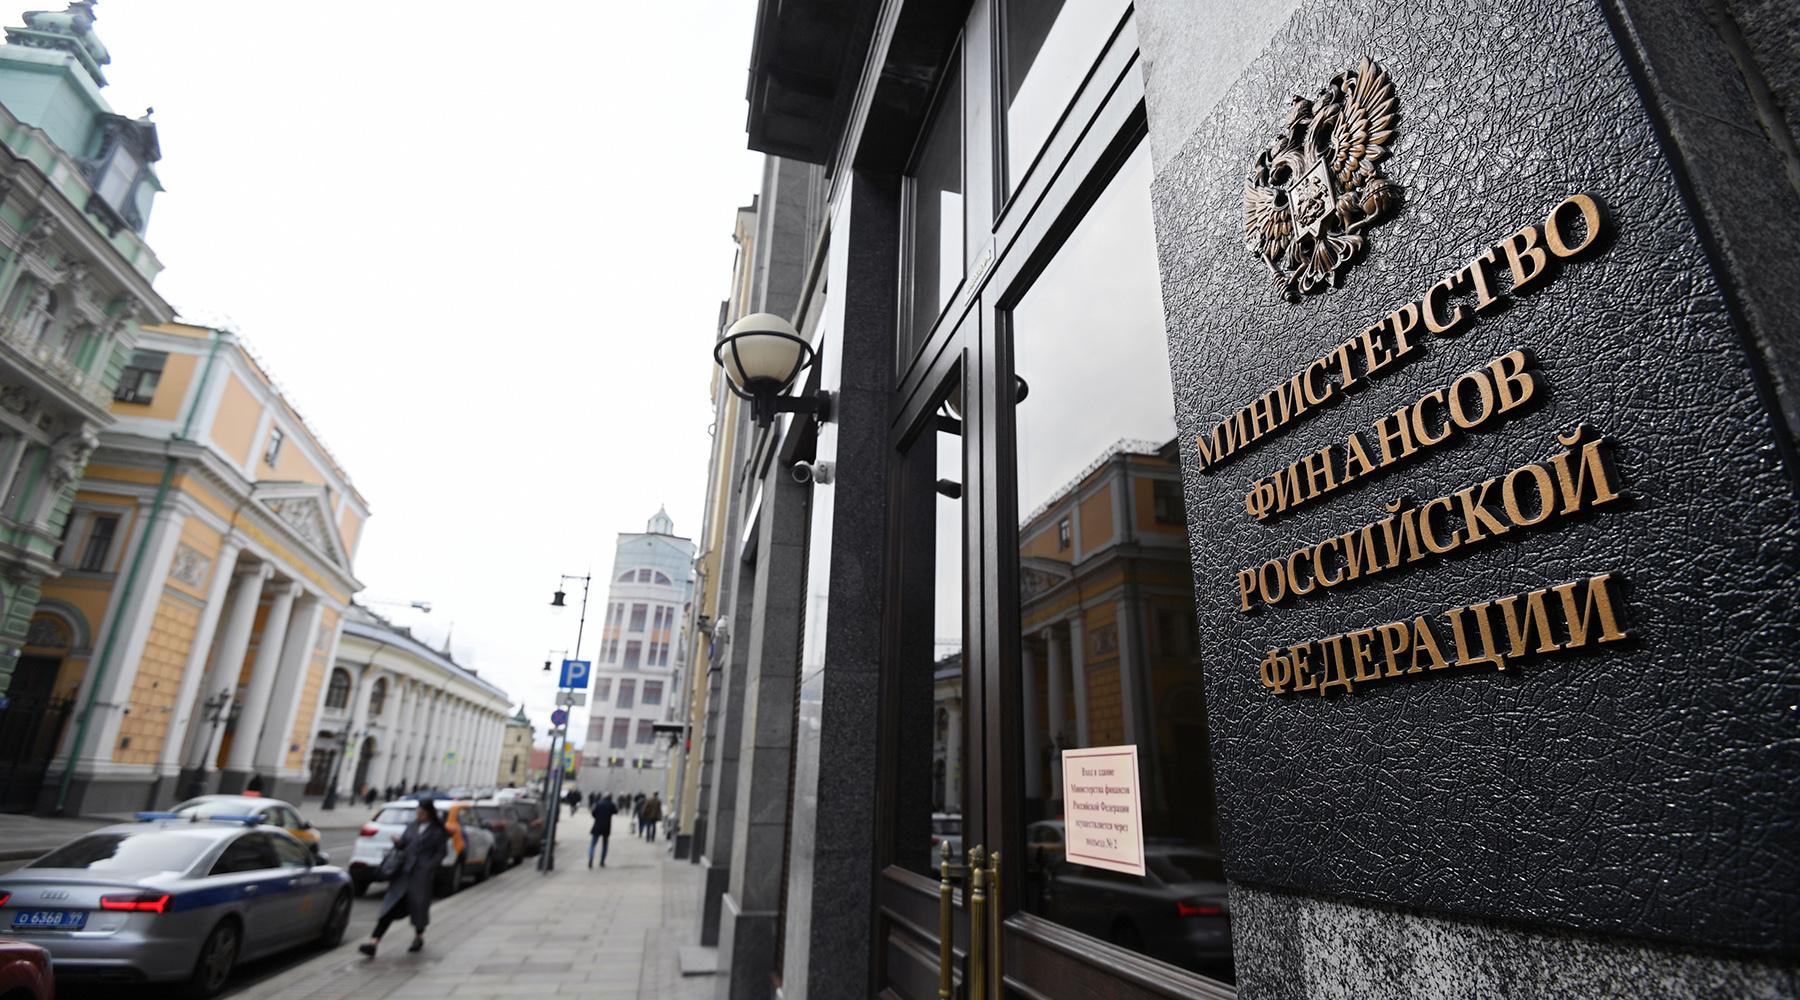 Минфин исключил доллар из ФНБ: нужно ли избавляться от американской валюты россиянам